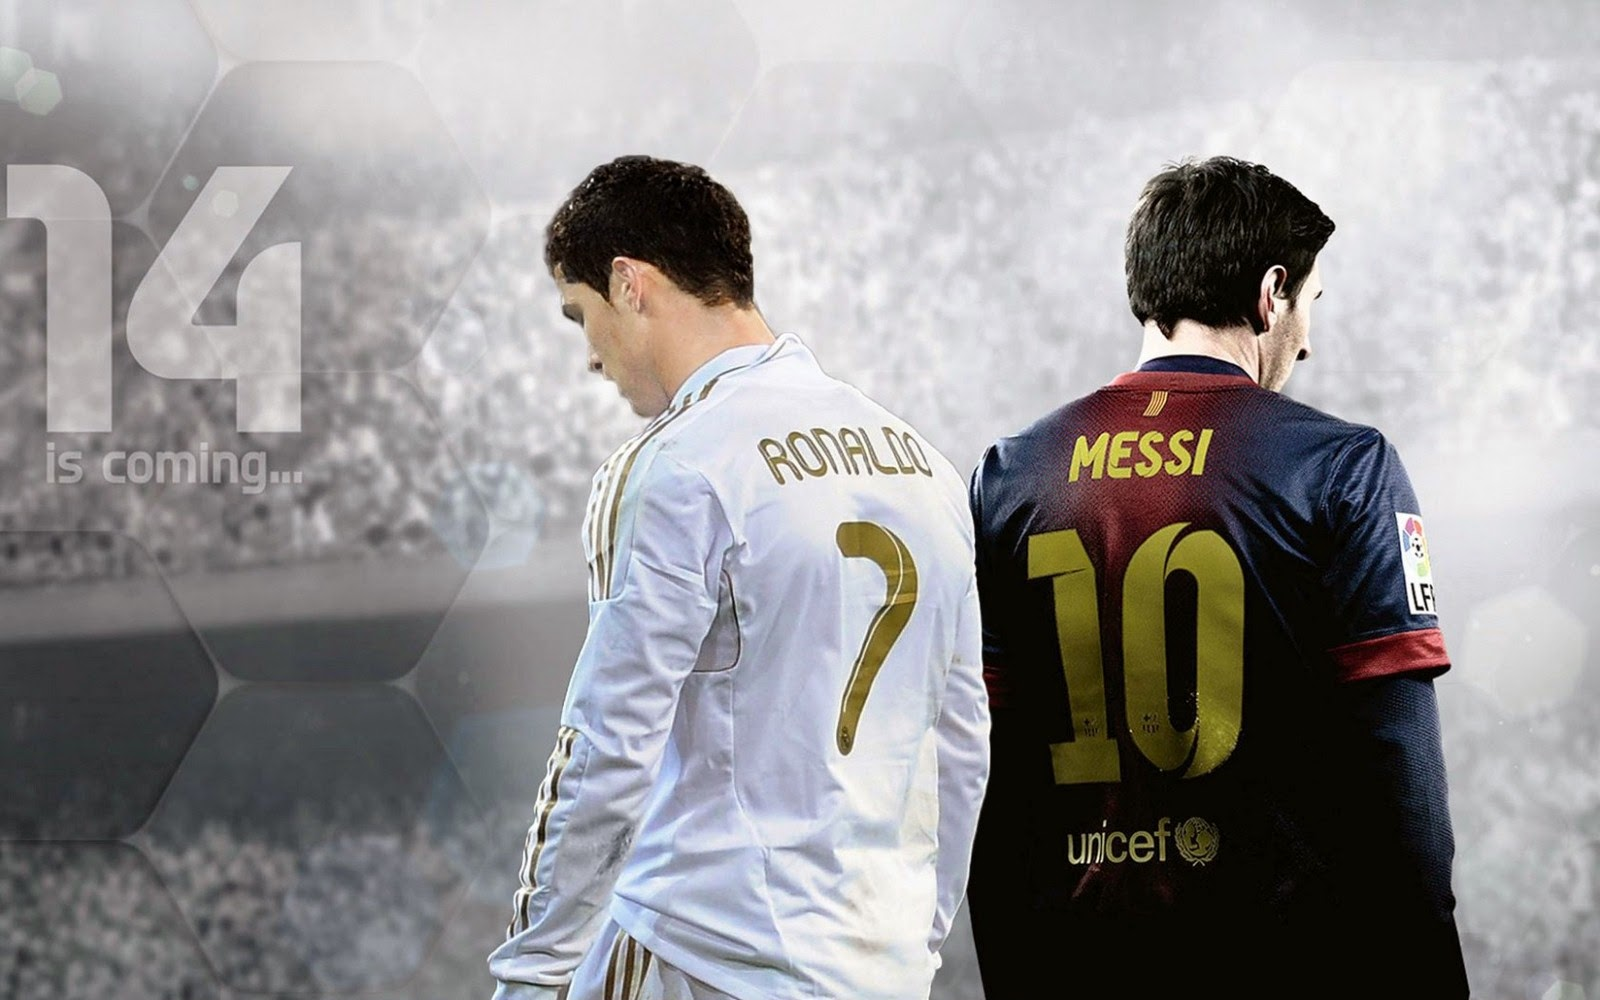 Fifa 14 Ronaldo Vs Messi La Liga Hd Desktop Wallpaper C A T